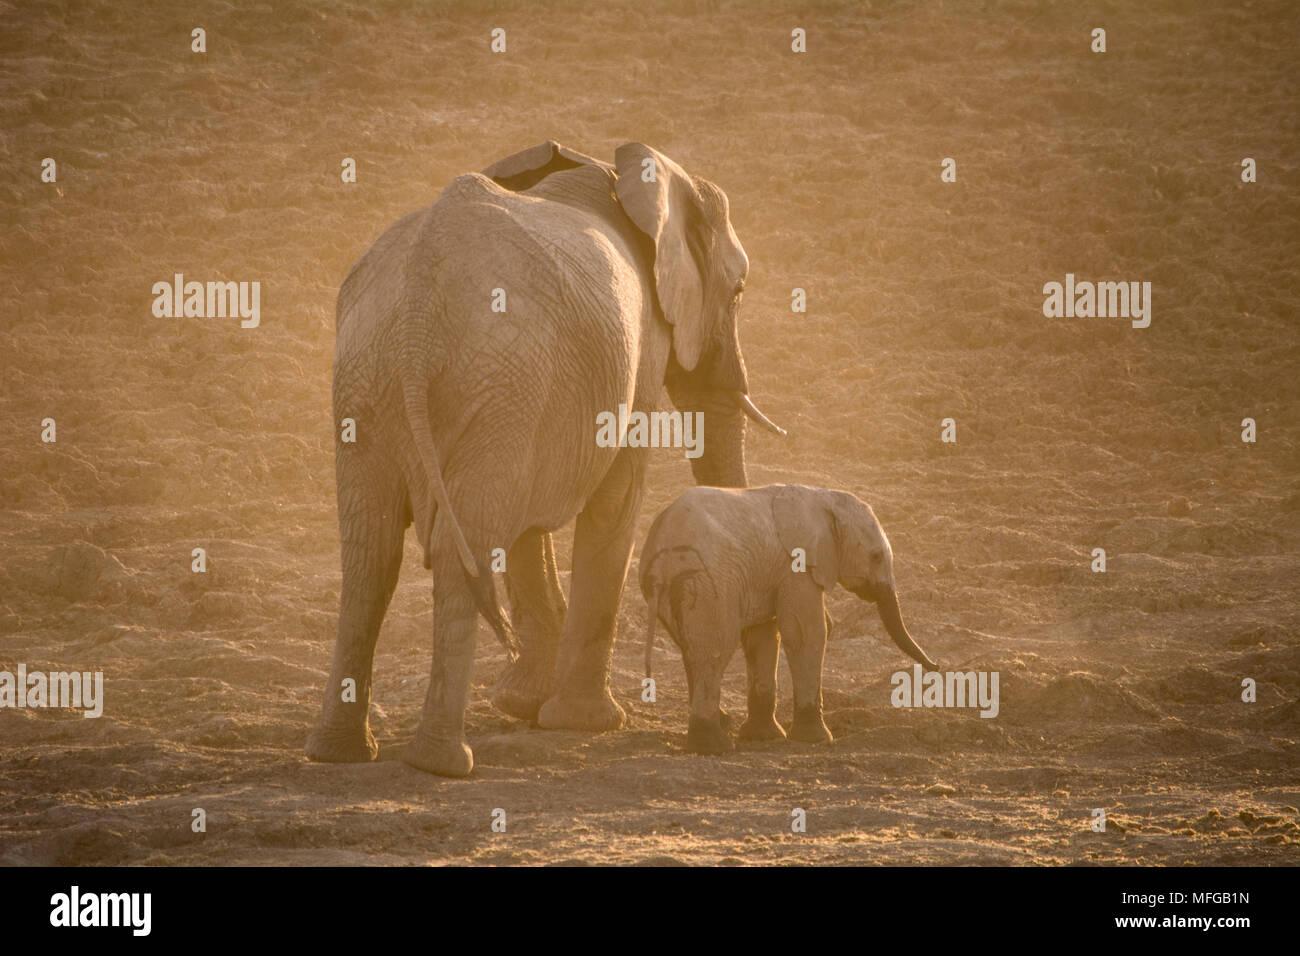 Madre e vitello elephant camminate fuori nel sole di setting Immagini Stock